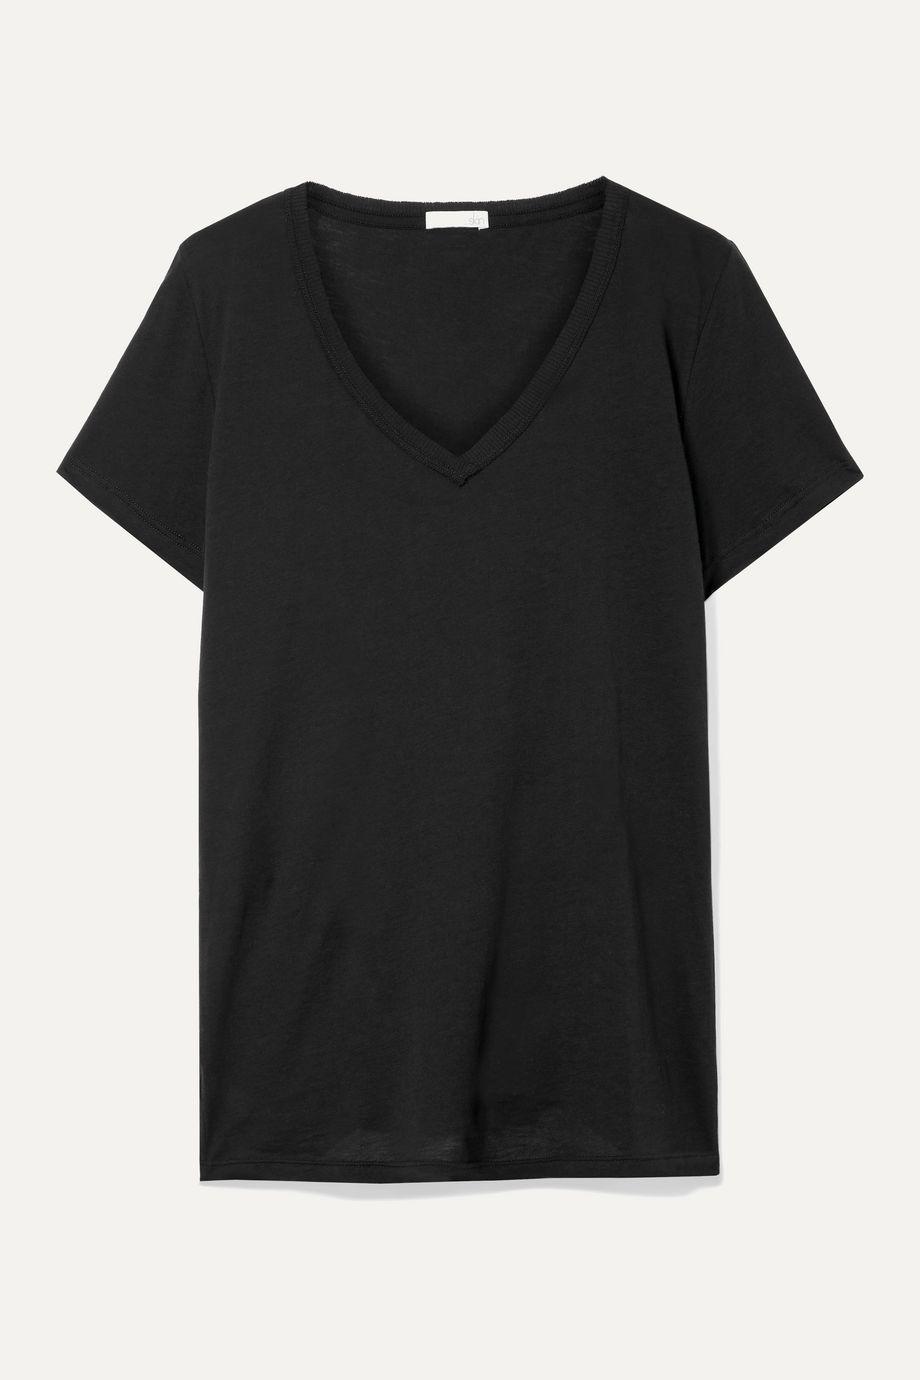 Skin Essentials T-Shirt aus Pima-Baumwoll-Jersey